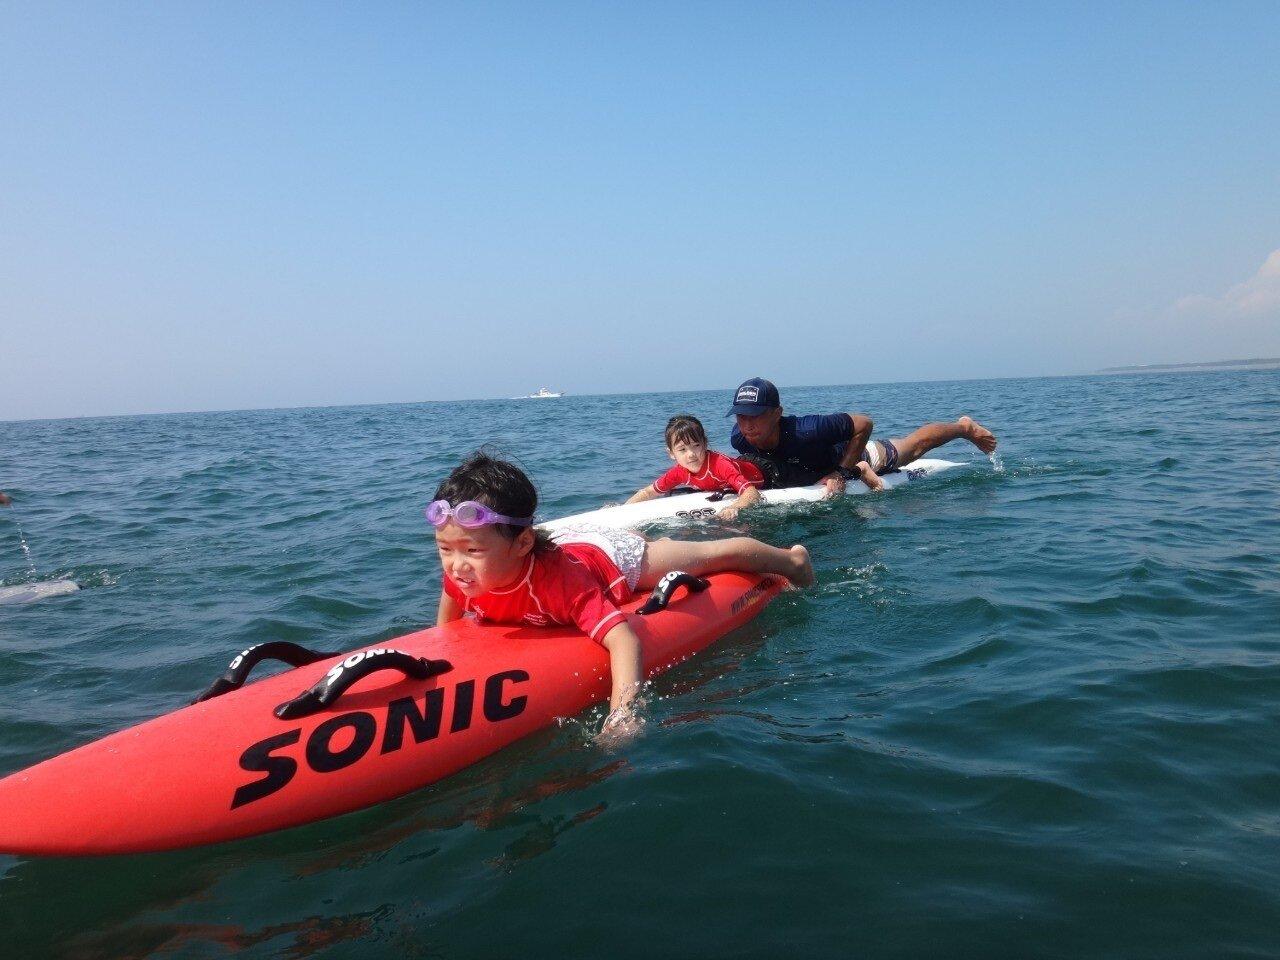 【ライフセービングチーム】海の上でものびのびの子どもたち!